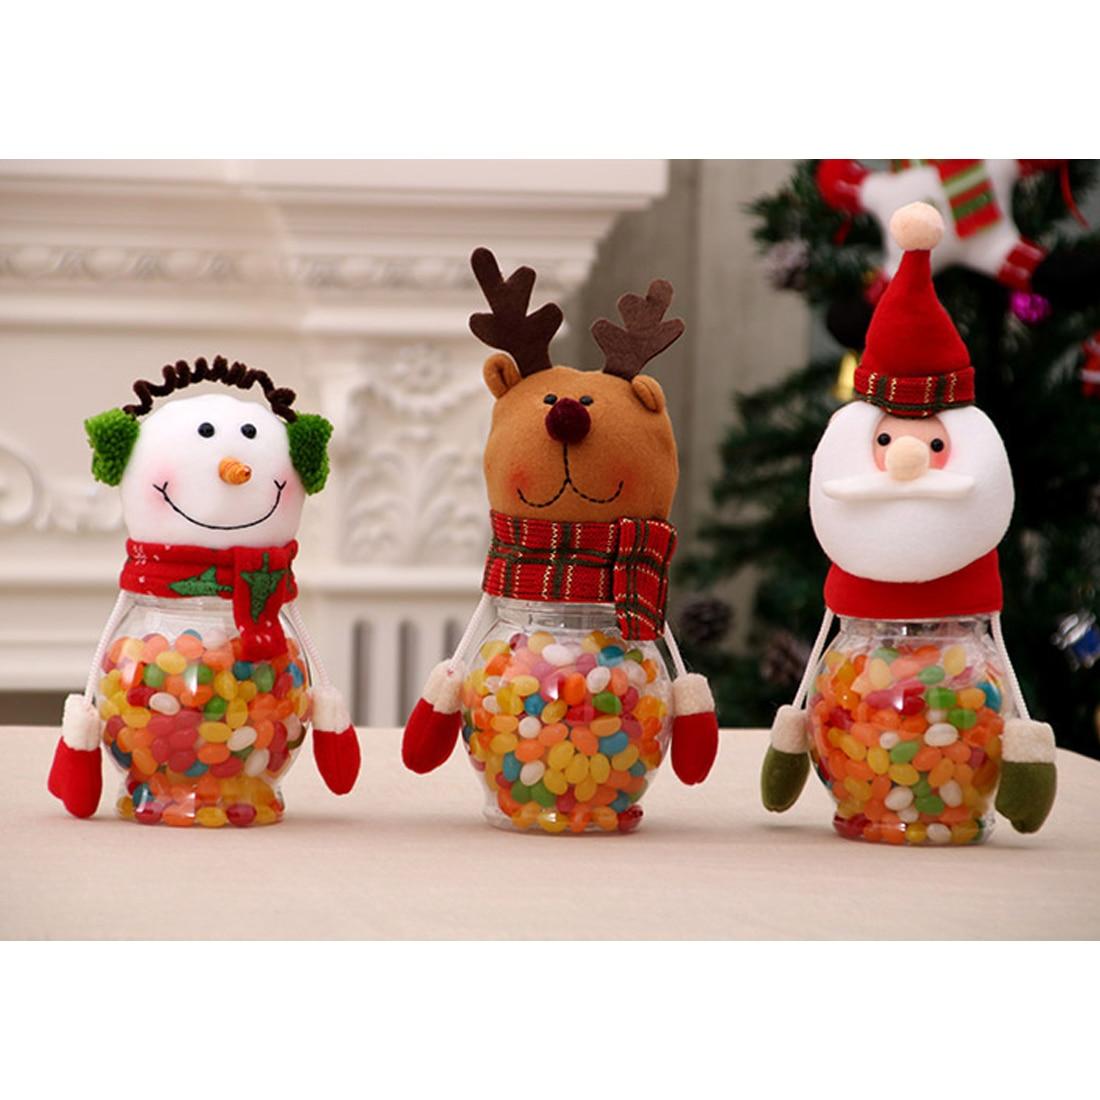 Bereidwillig Top Koop Leuke Kerstman Elanden Sneeuwpop Snoep Potten Container Kerst Kids Geschenken Vakantie Party Tafel Decor Zowel De Kwaliteit Van Vasthoudendheid Als Hardheid Hebben